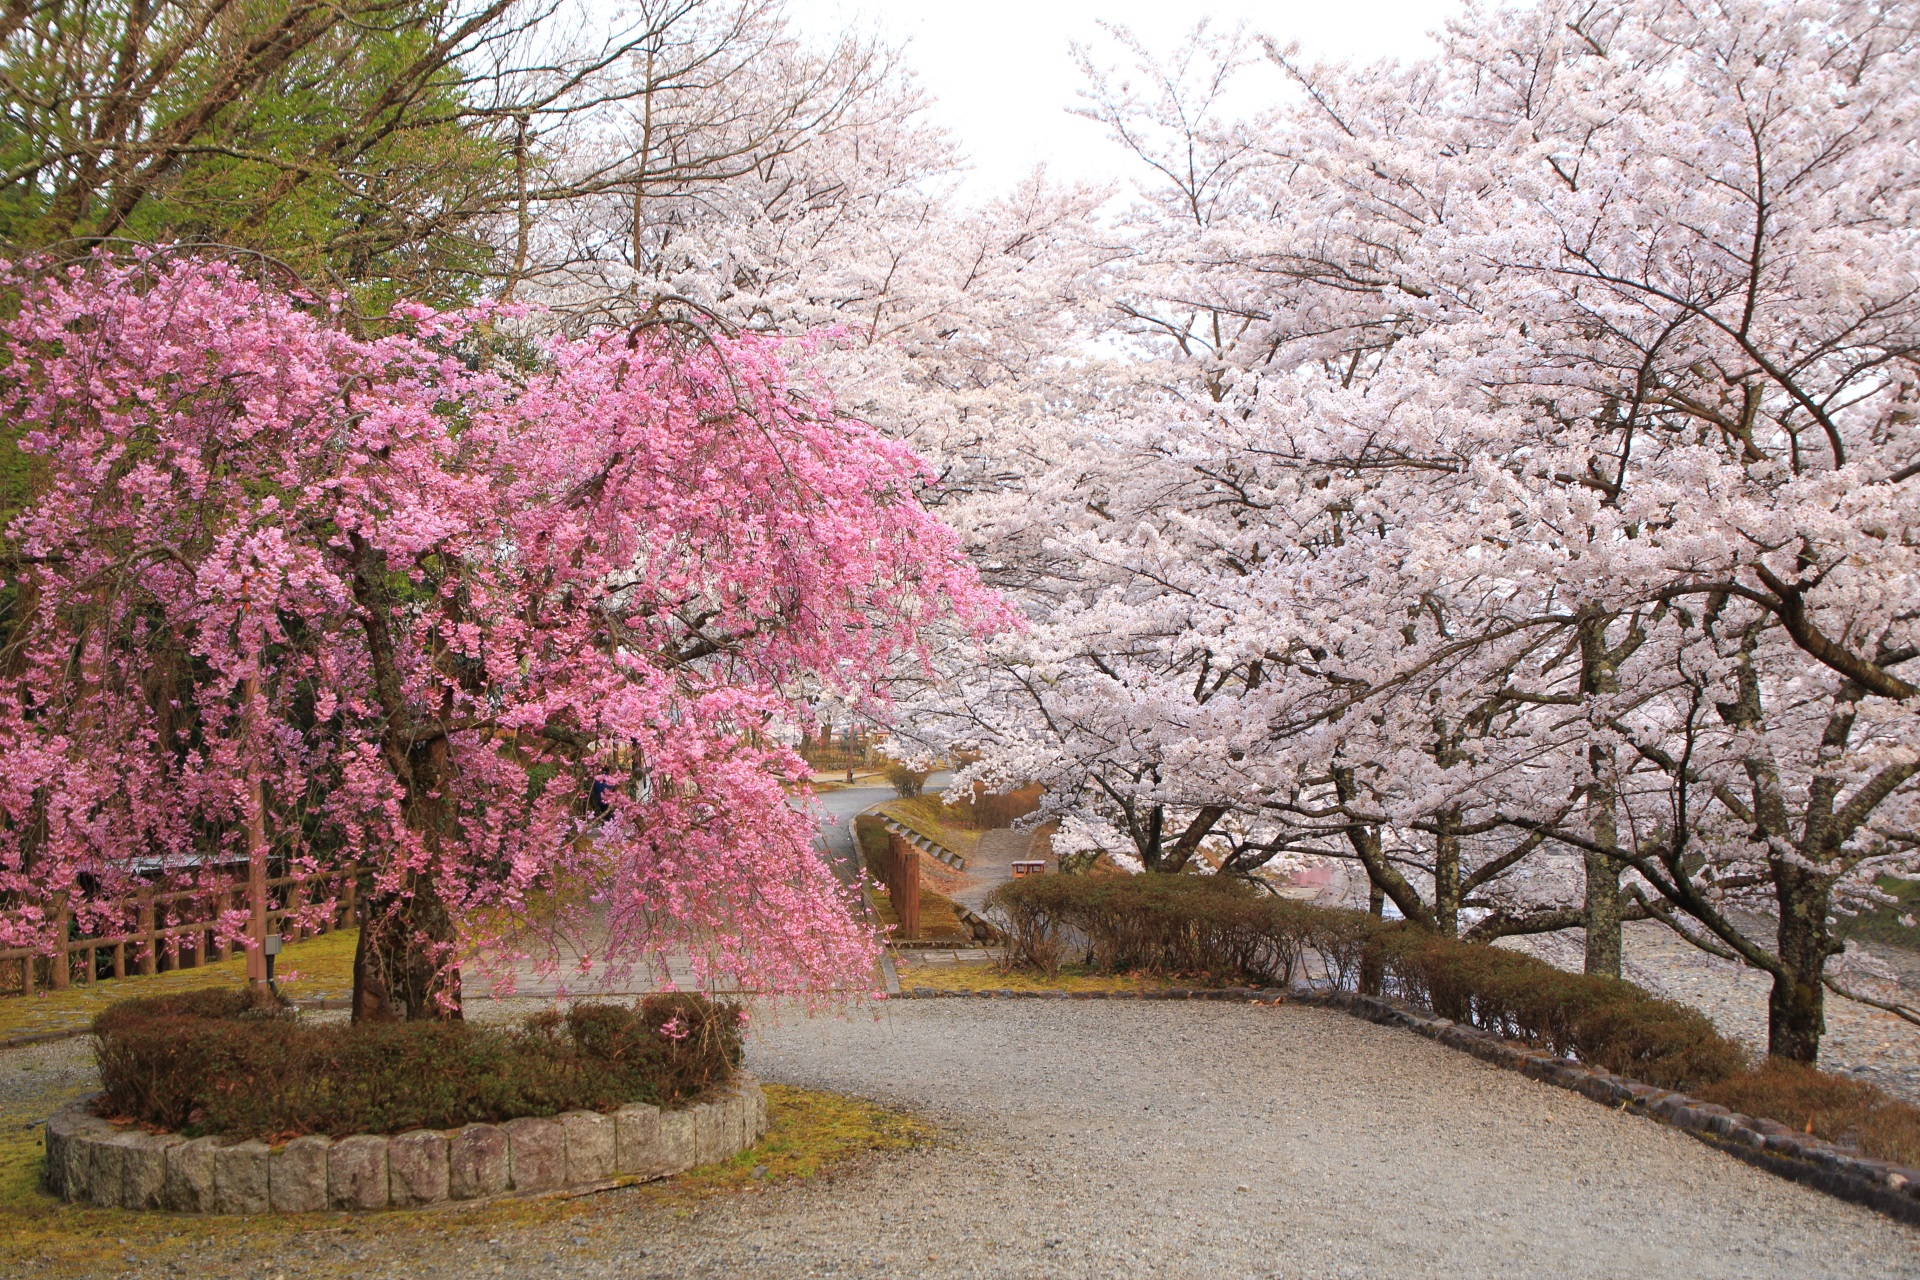 七谷川の水辺を染める華やかな桜